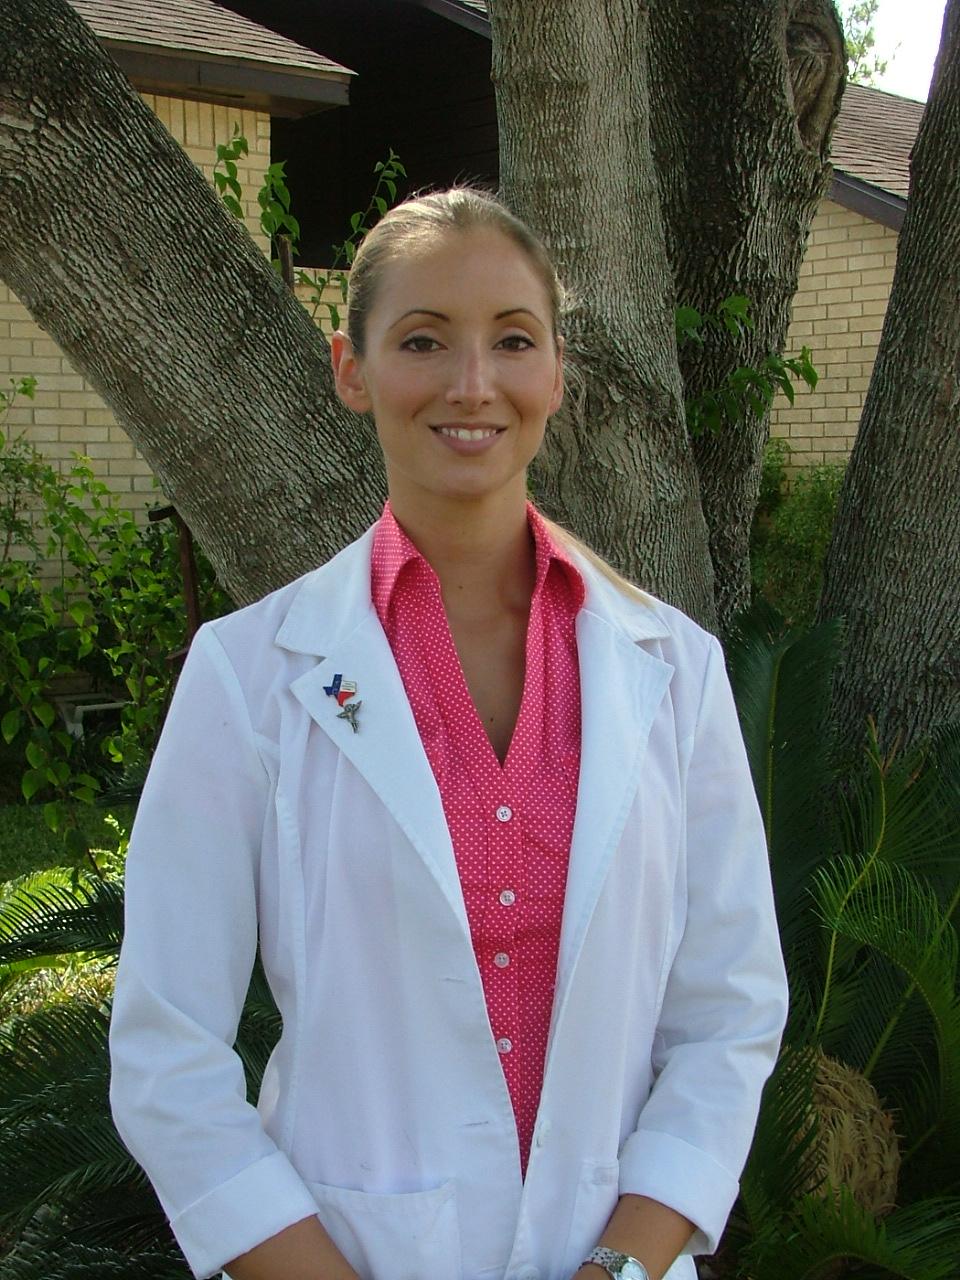 Dr. Nova Chauvin